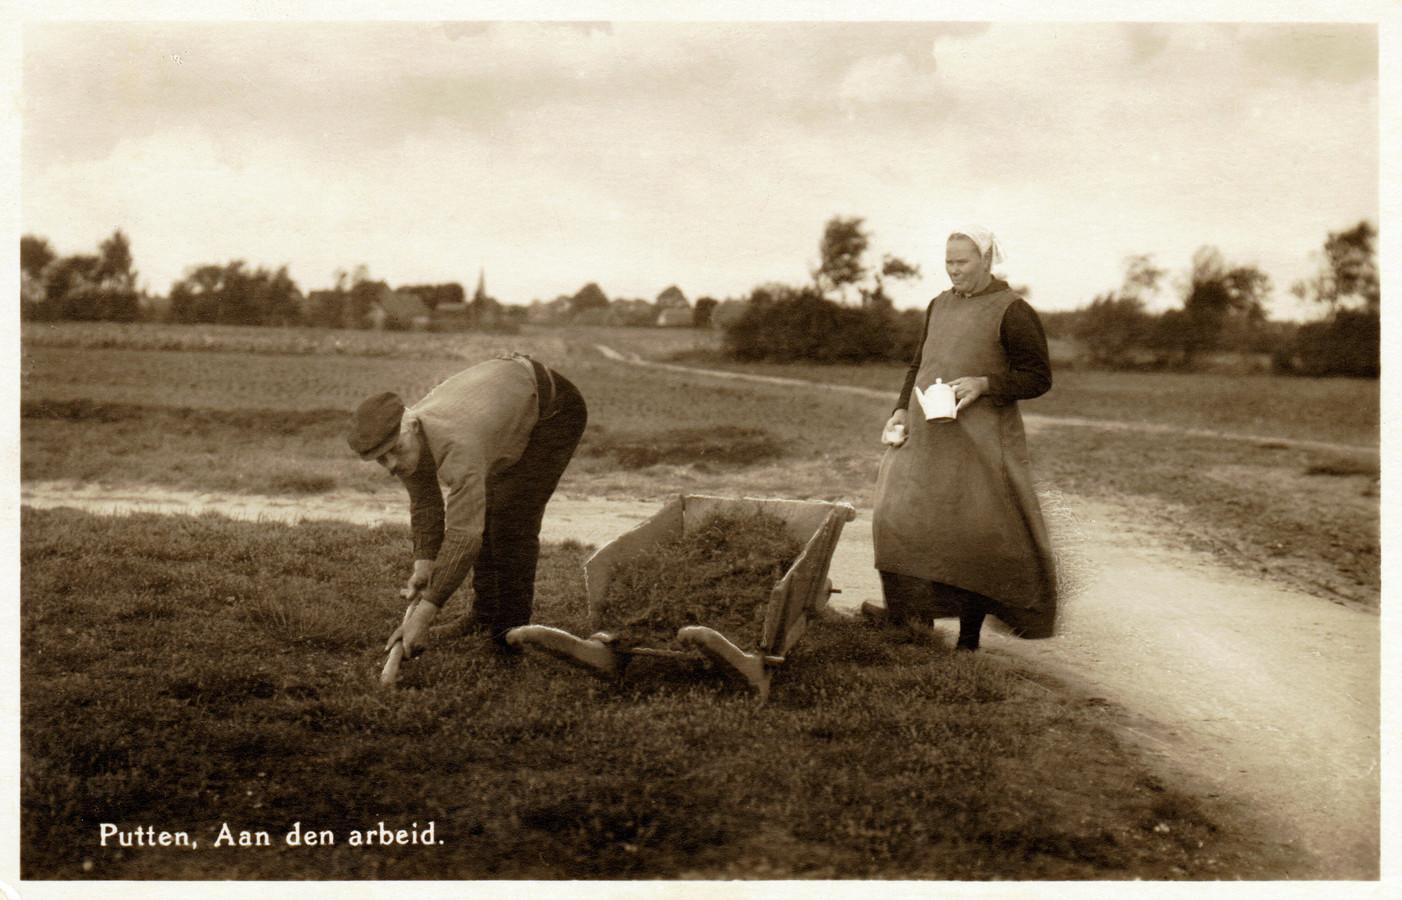 Als plattelandsgemeente wordt een groot deel van de historie van Putten bepaald door de landbouw.